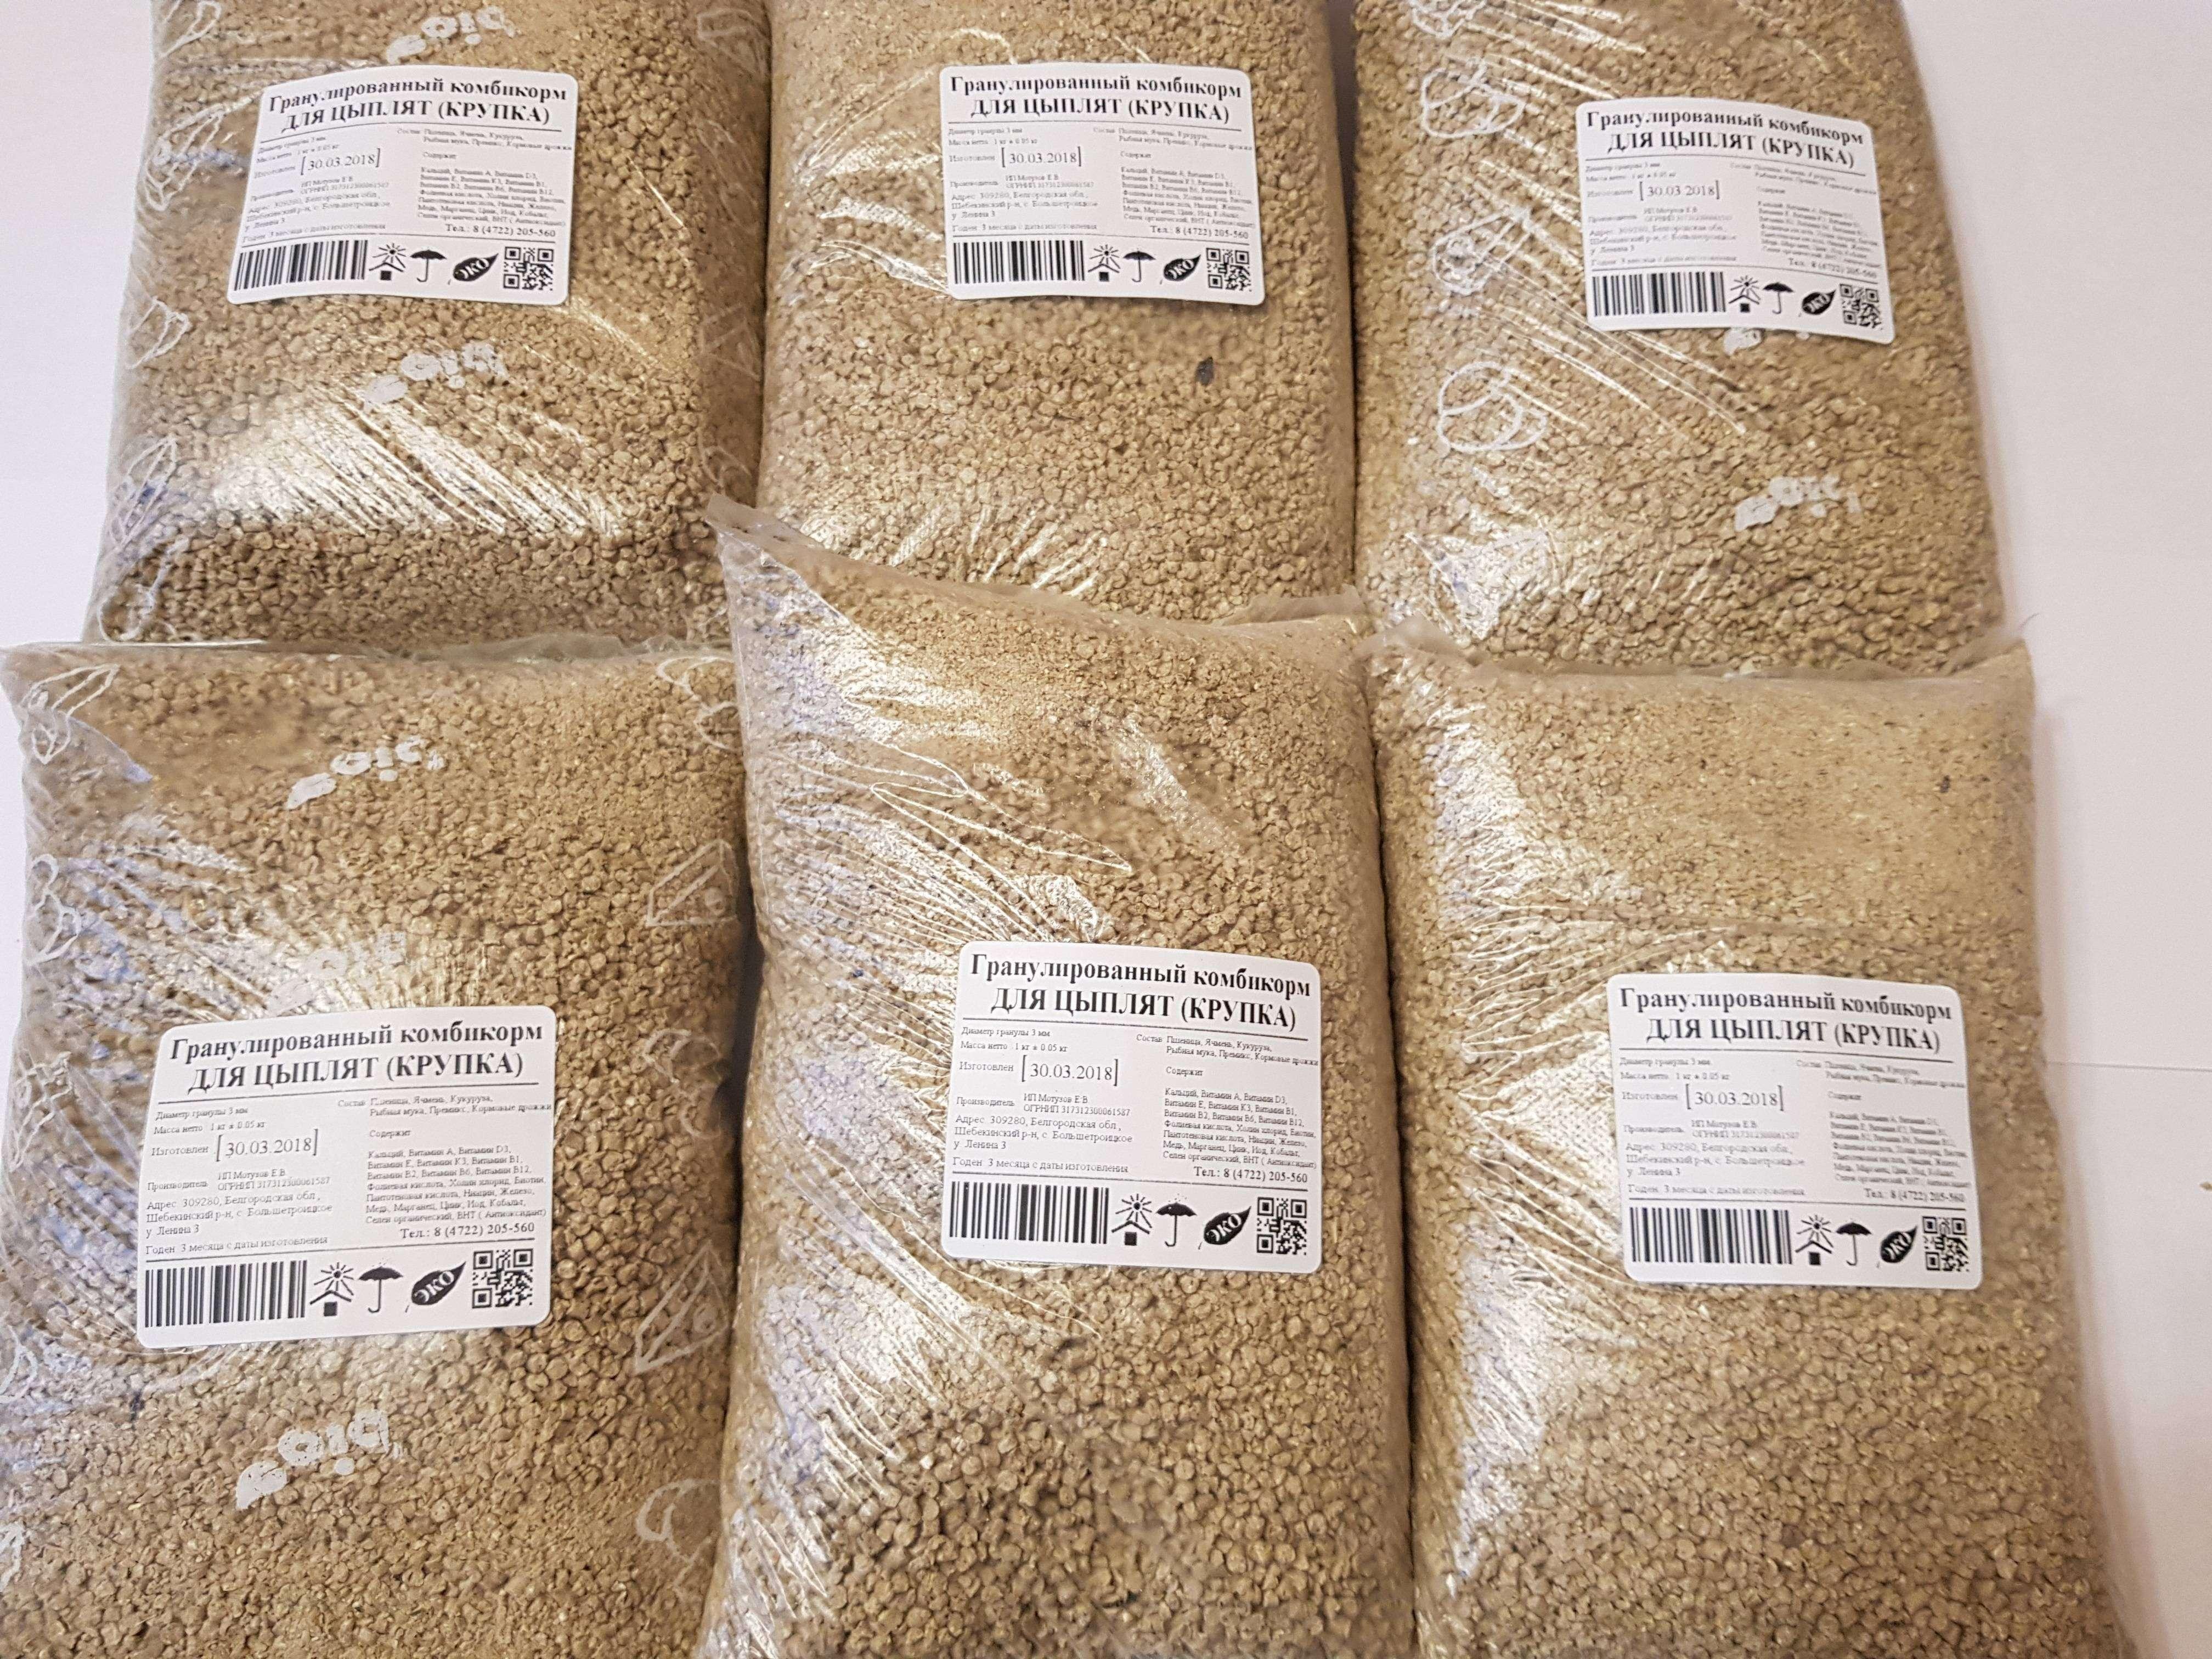 Для цыплят - Крупка 10 кг Комбикорма для цыплят в возрасте от 0 до 3х недель (стоимость за 10 кг) комбикорм для цыплят, крупка, гост - Цена, Стоимость - 220 руб.(доставка по всей России)